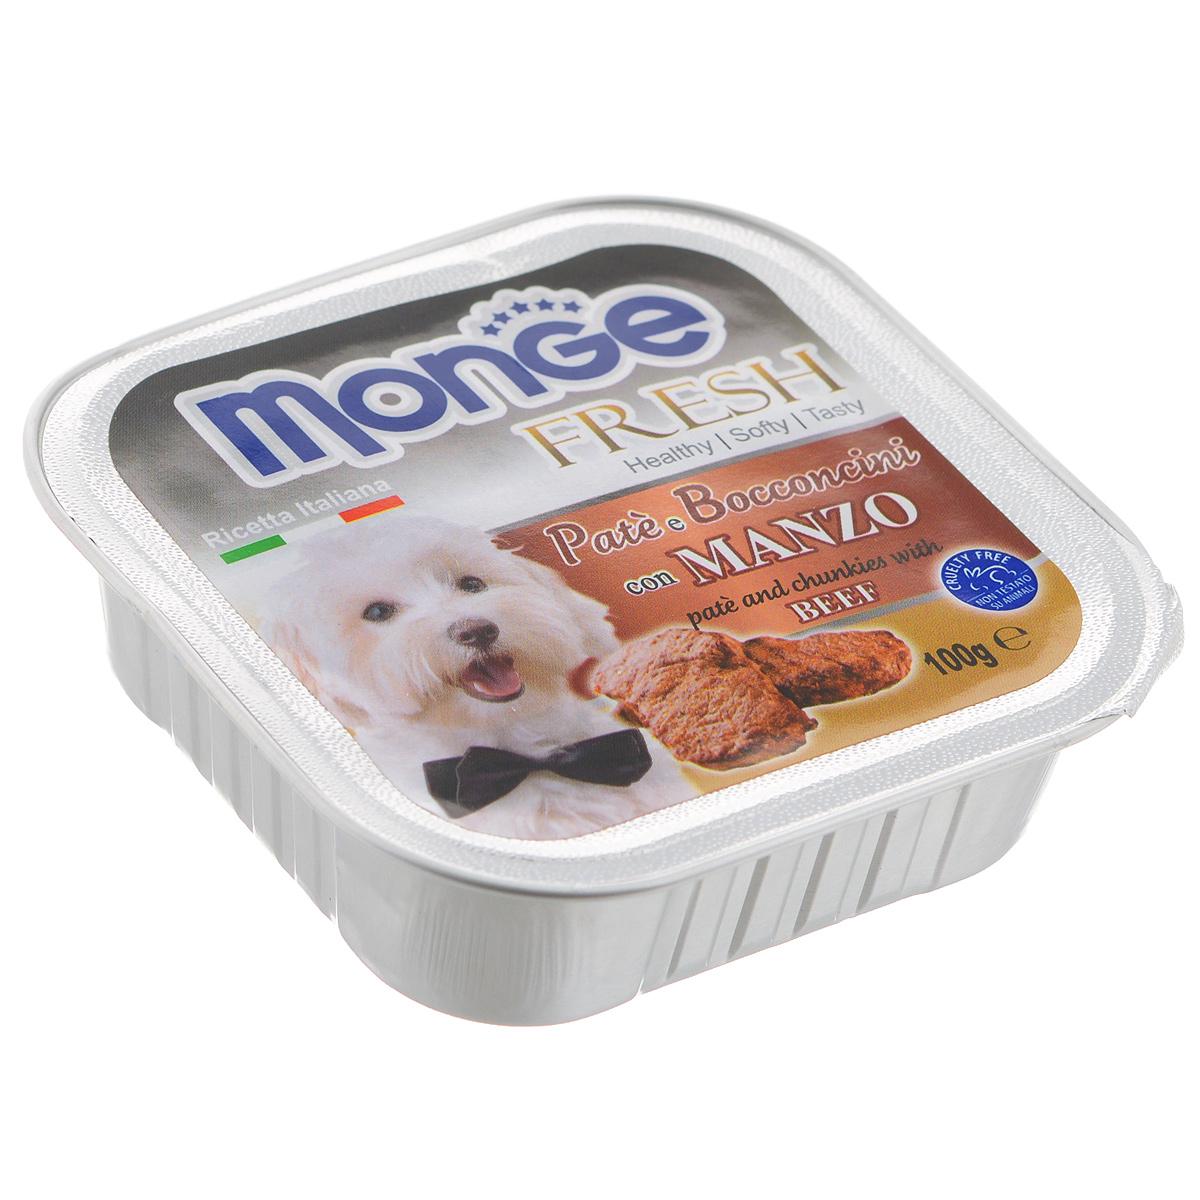 Консервы для собак Monge Fresh, с говядиной, 100 г monge корм для собак monge monoproteico solo паштет оленина конс 150г